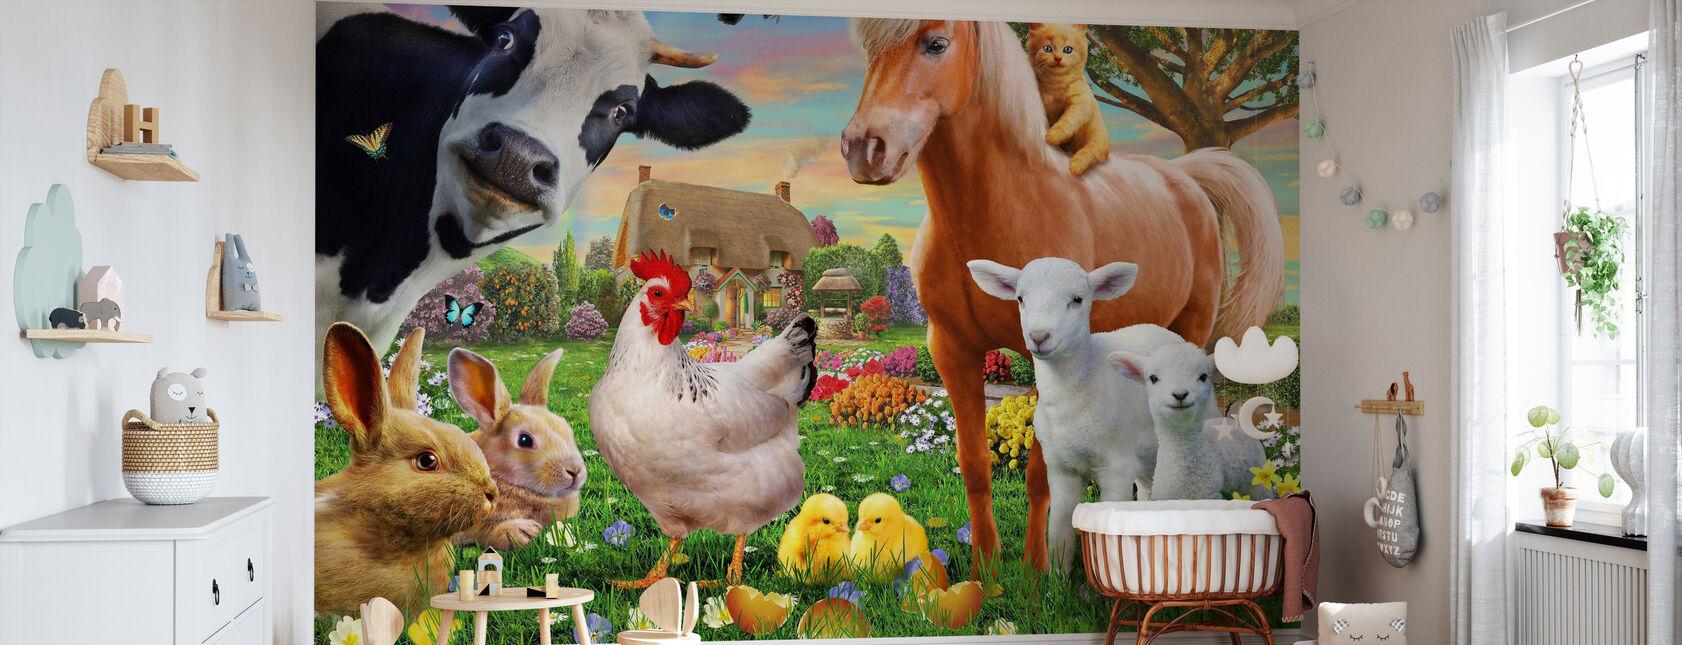 Boerderij Dieren voor kinderen - Behang - Babykamer